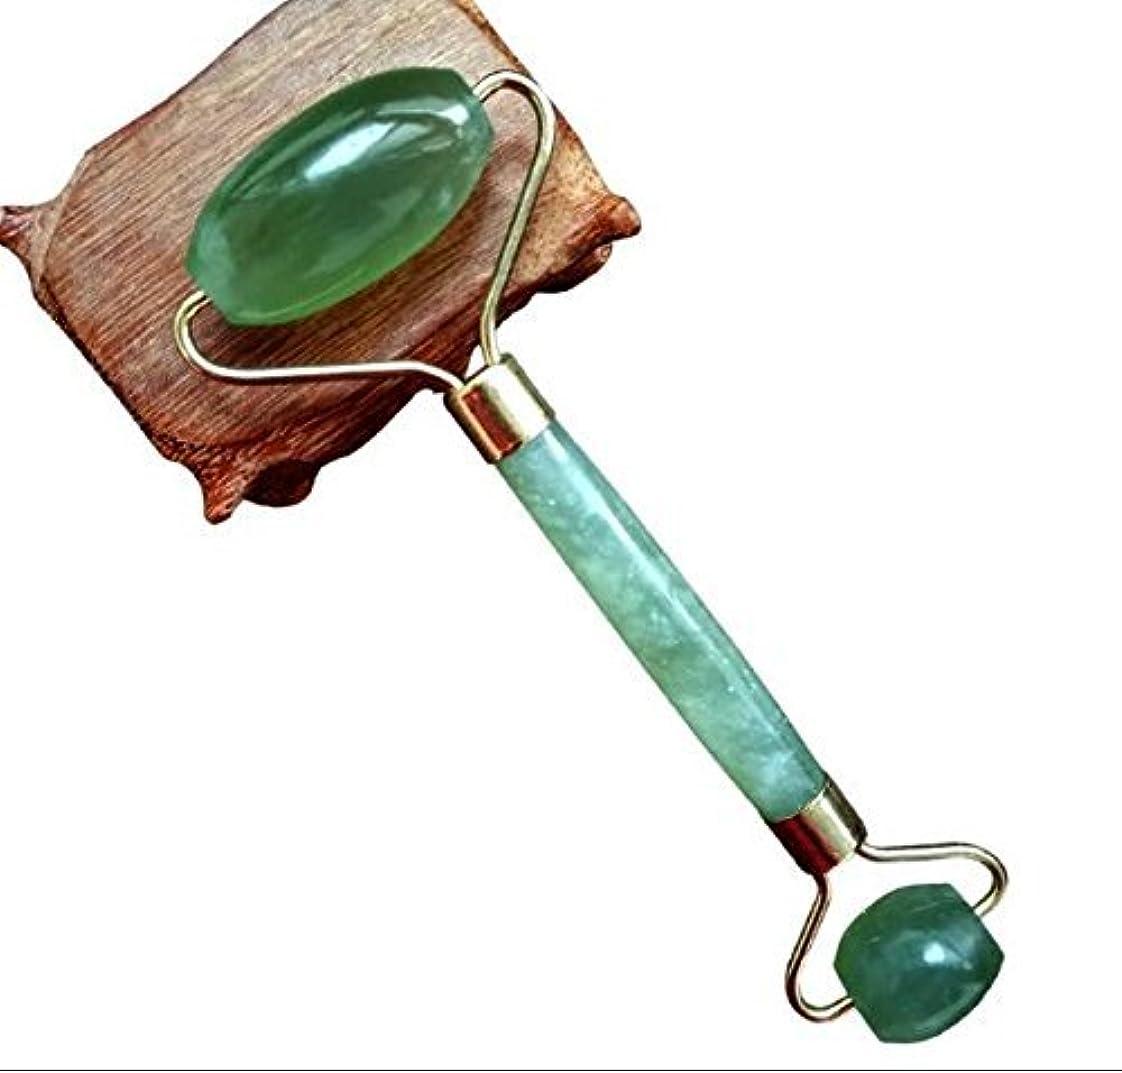 偽善マラドロイトあごひげEcho & Kern グリーンアベンチュリンの美顔ローラーフェイスマッサジローラーThe Original Chi Himalayan Anti Aging Jade roller Therapy 100% Natural...